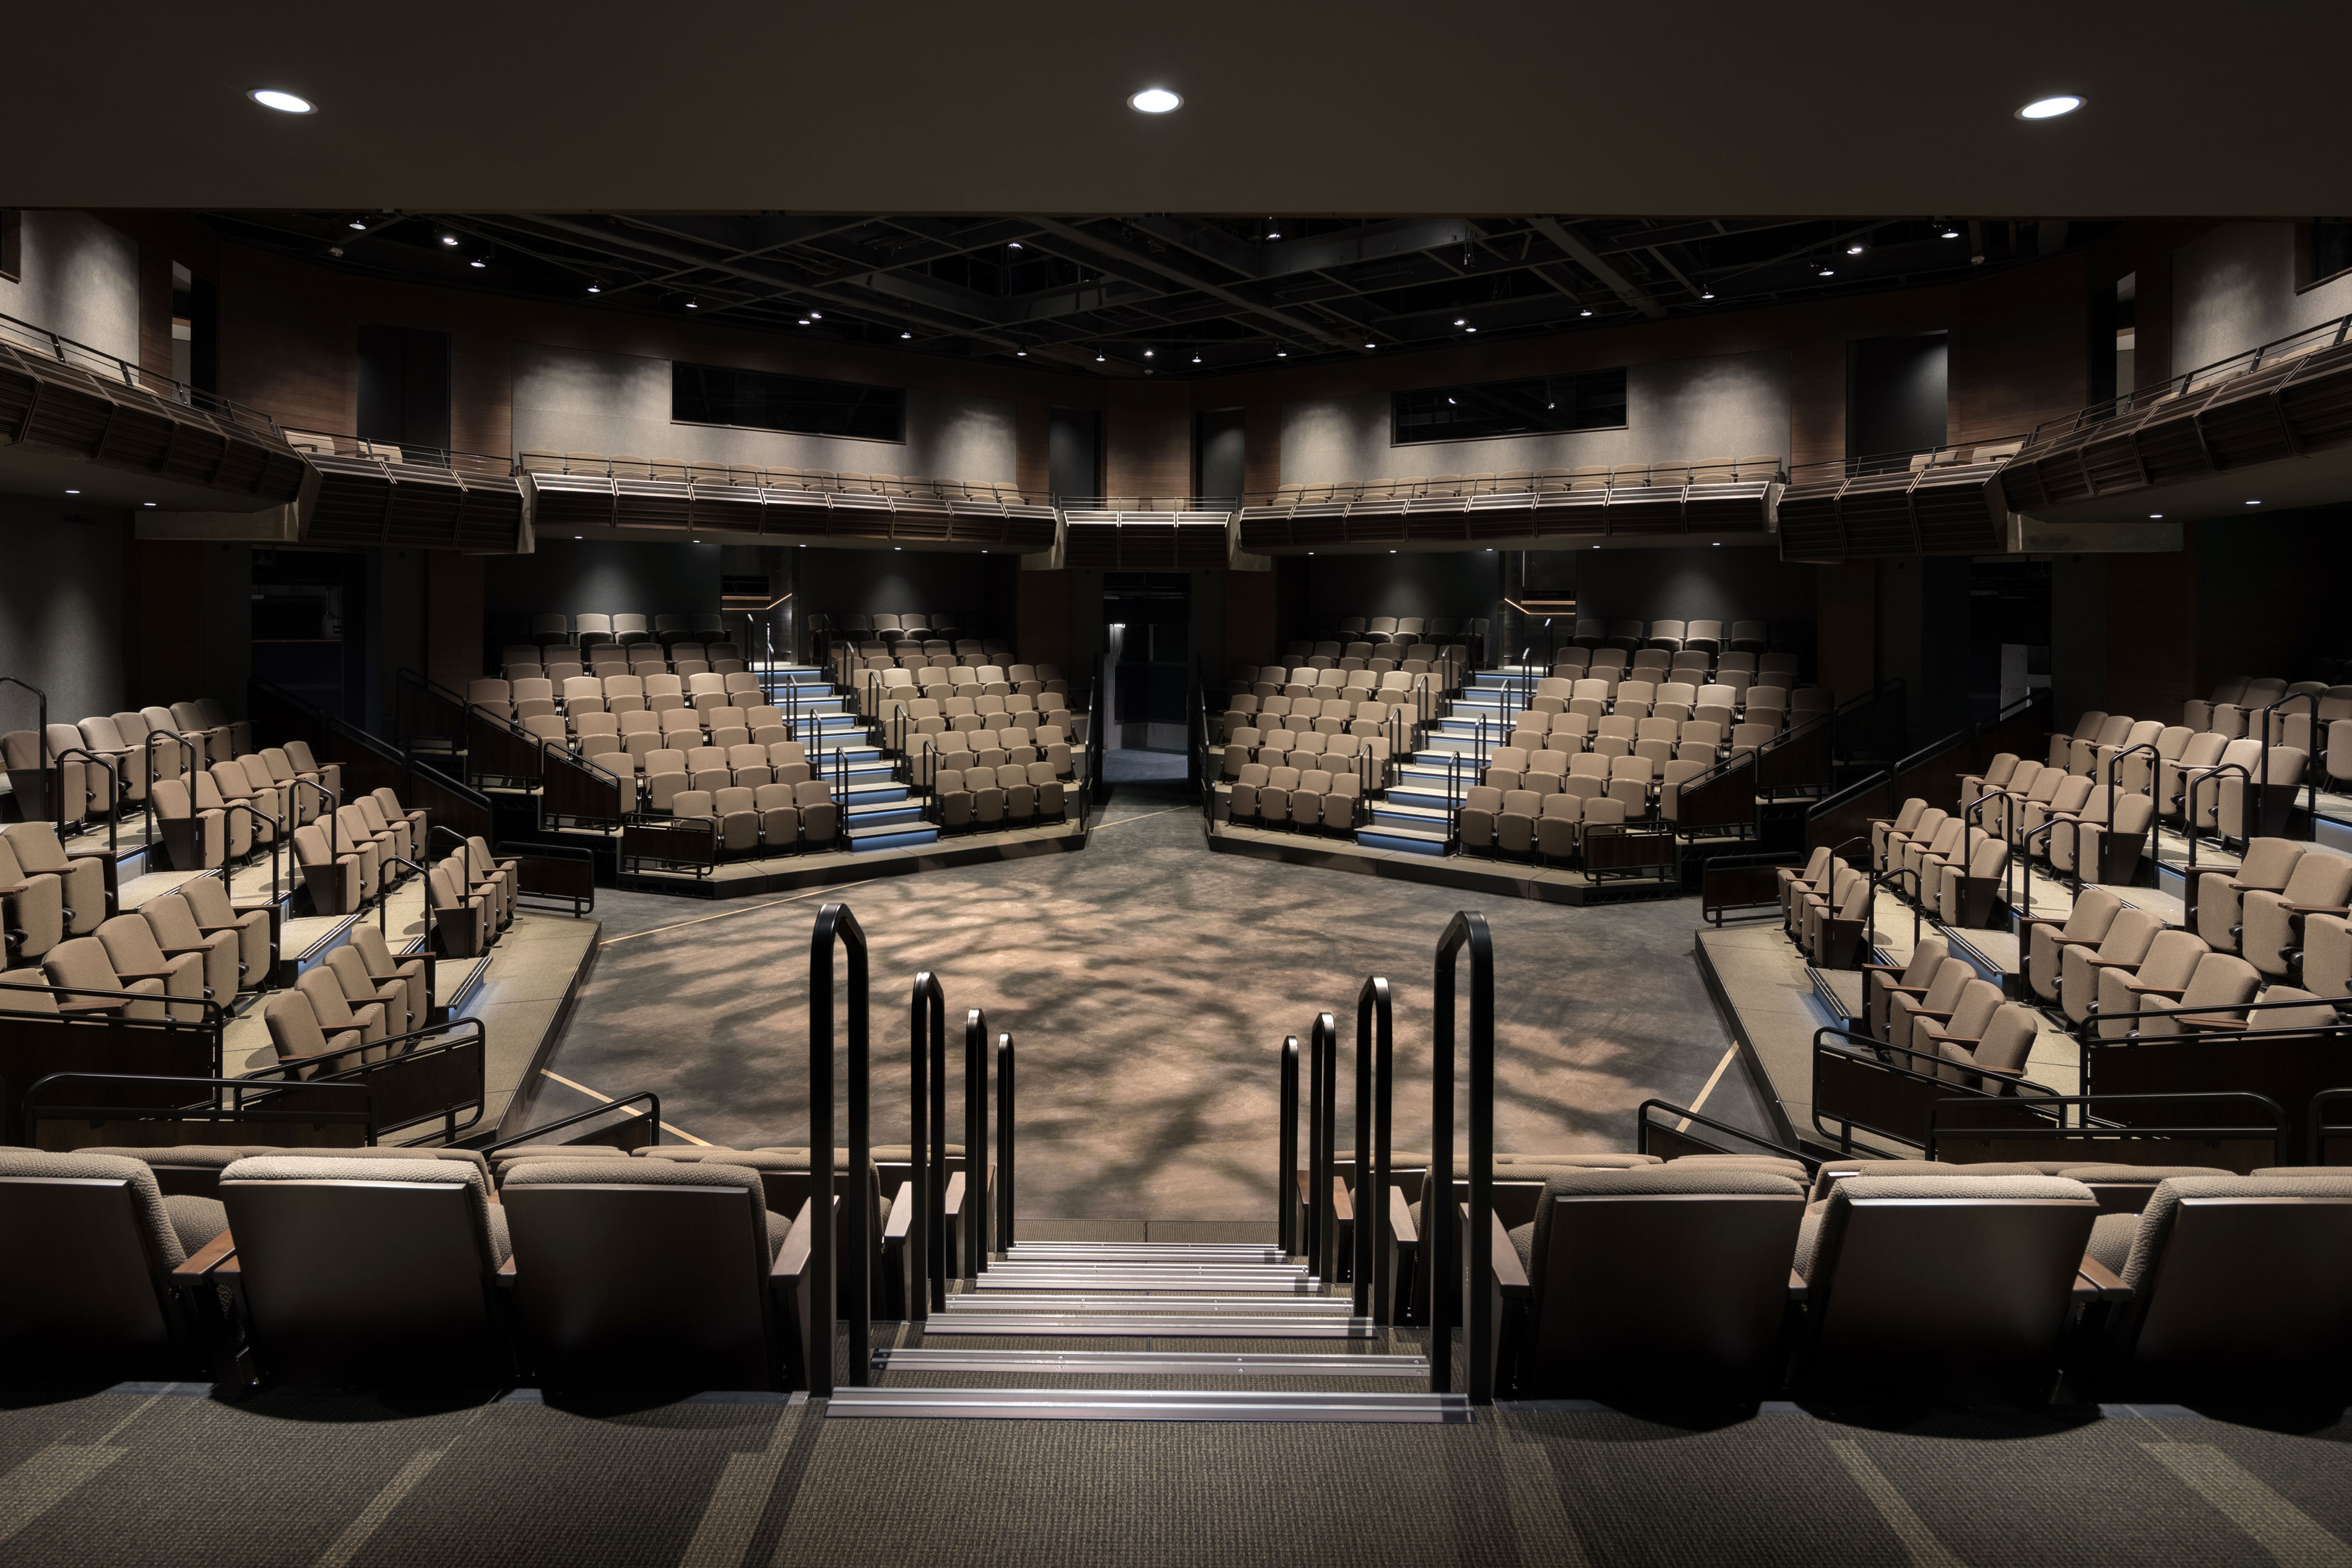 Photo: DCPA Macbeth 1 | Space Theatre Reno - Courtesy